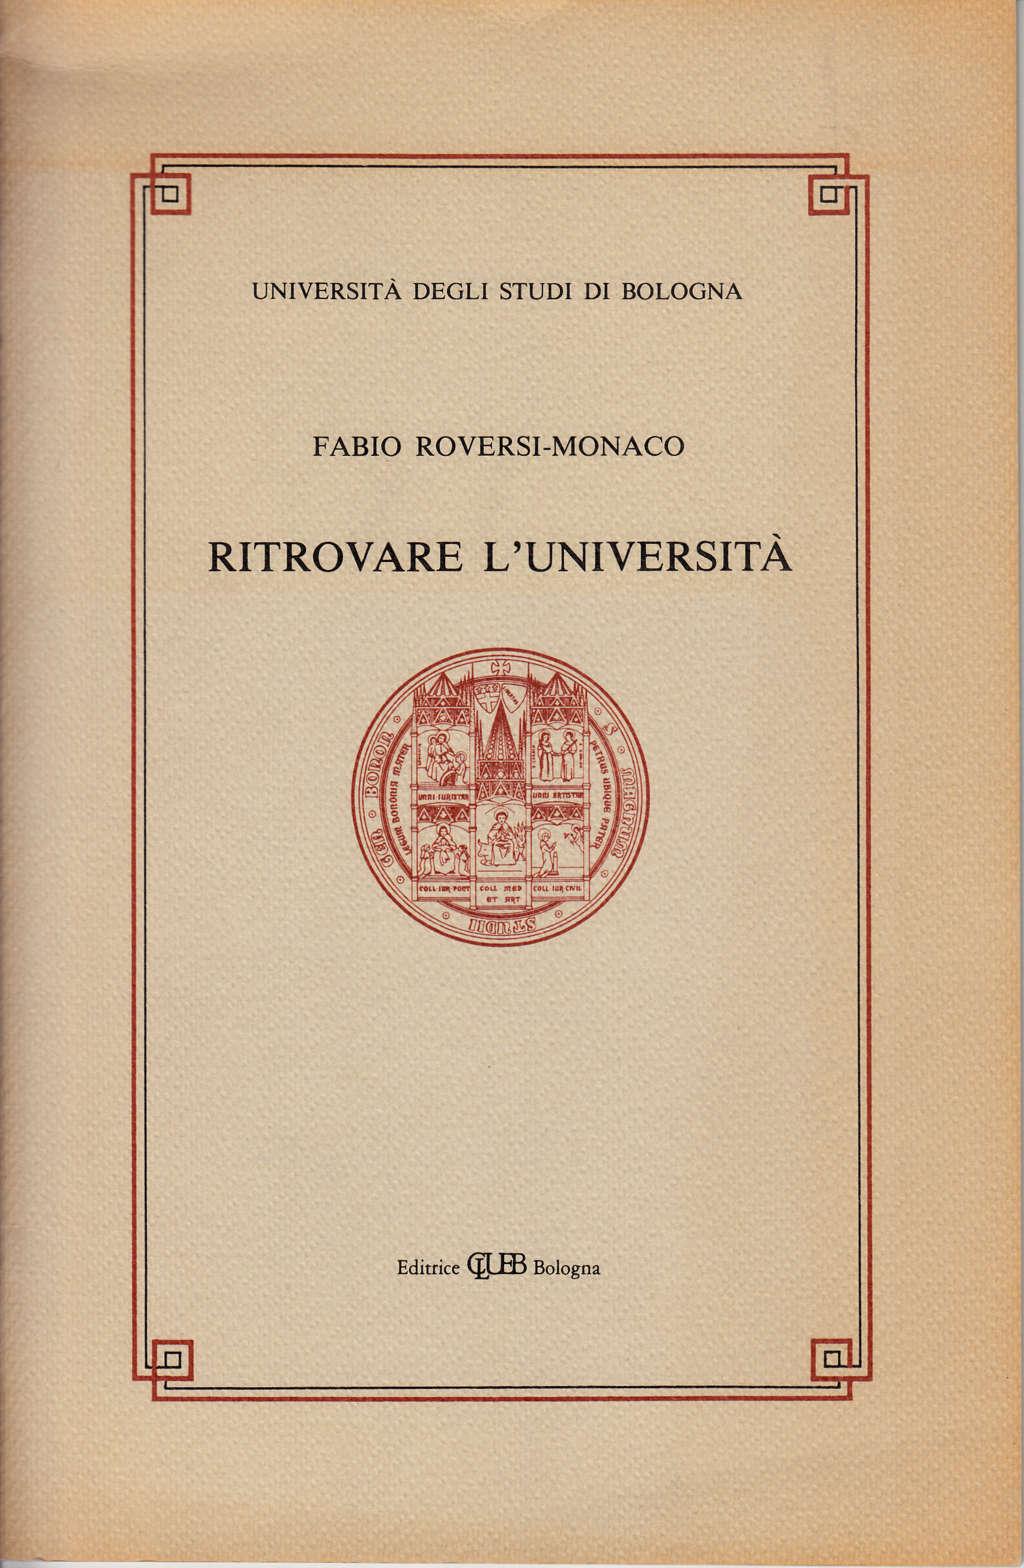 Ritrovare l'università